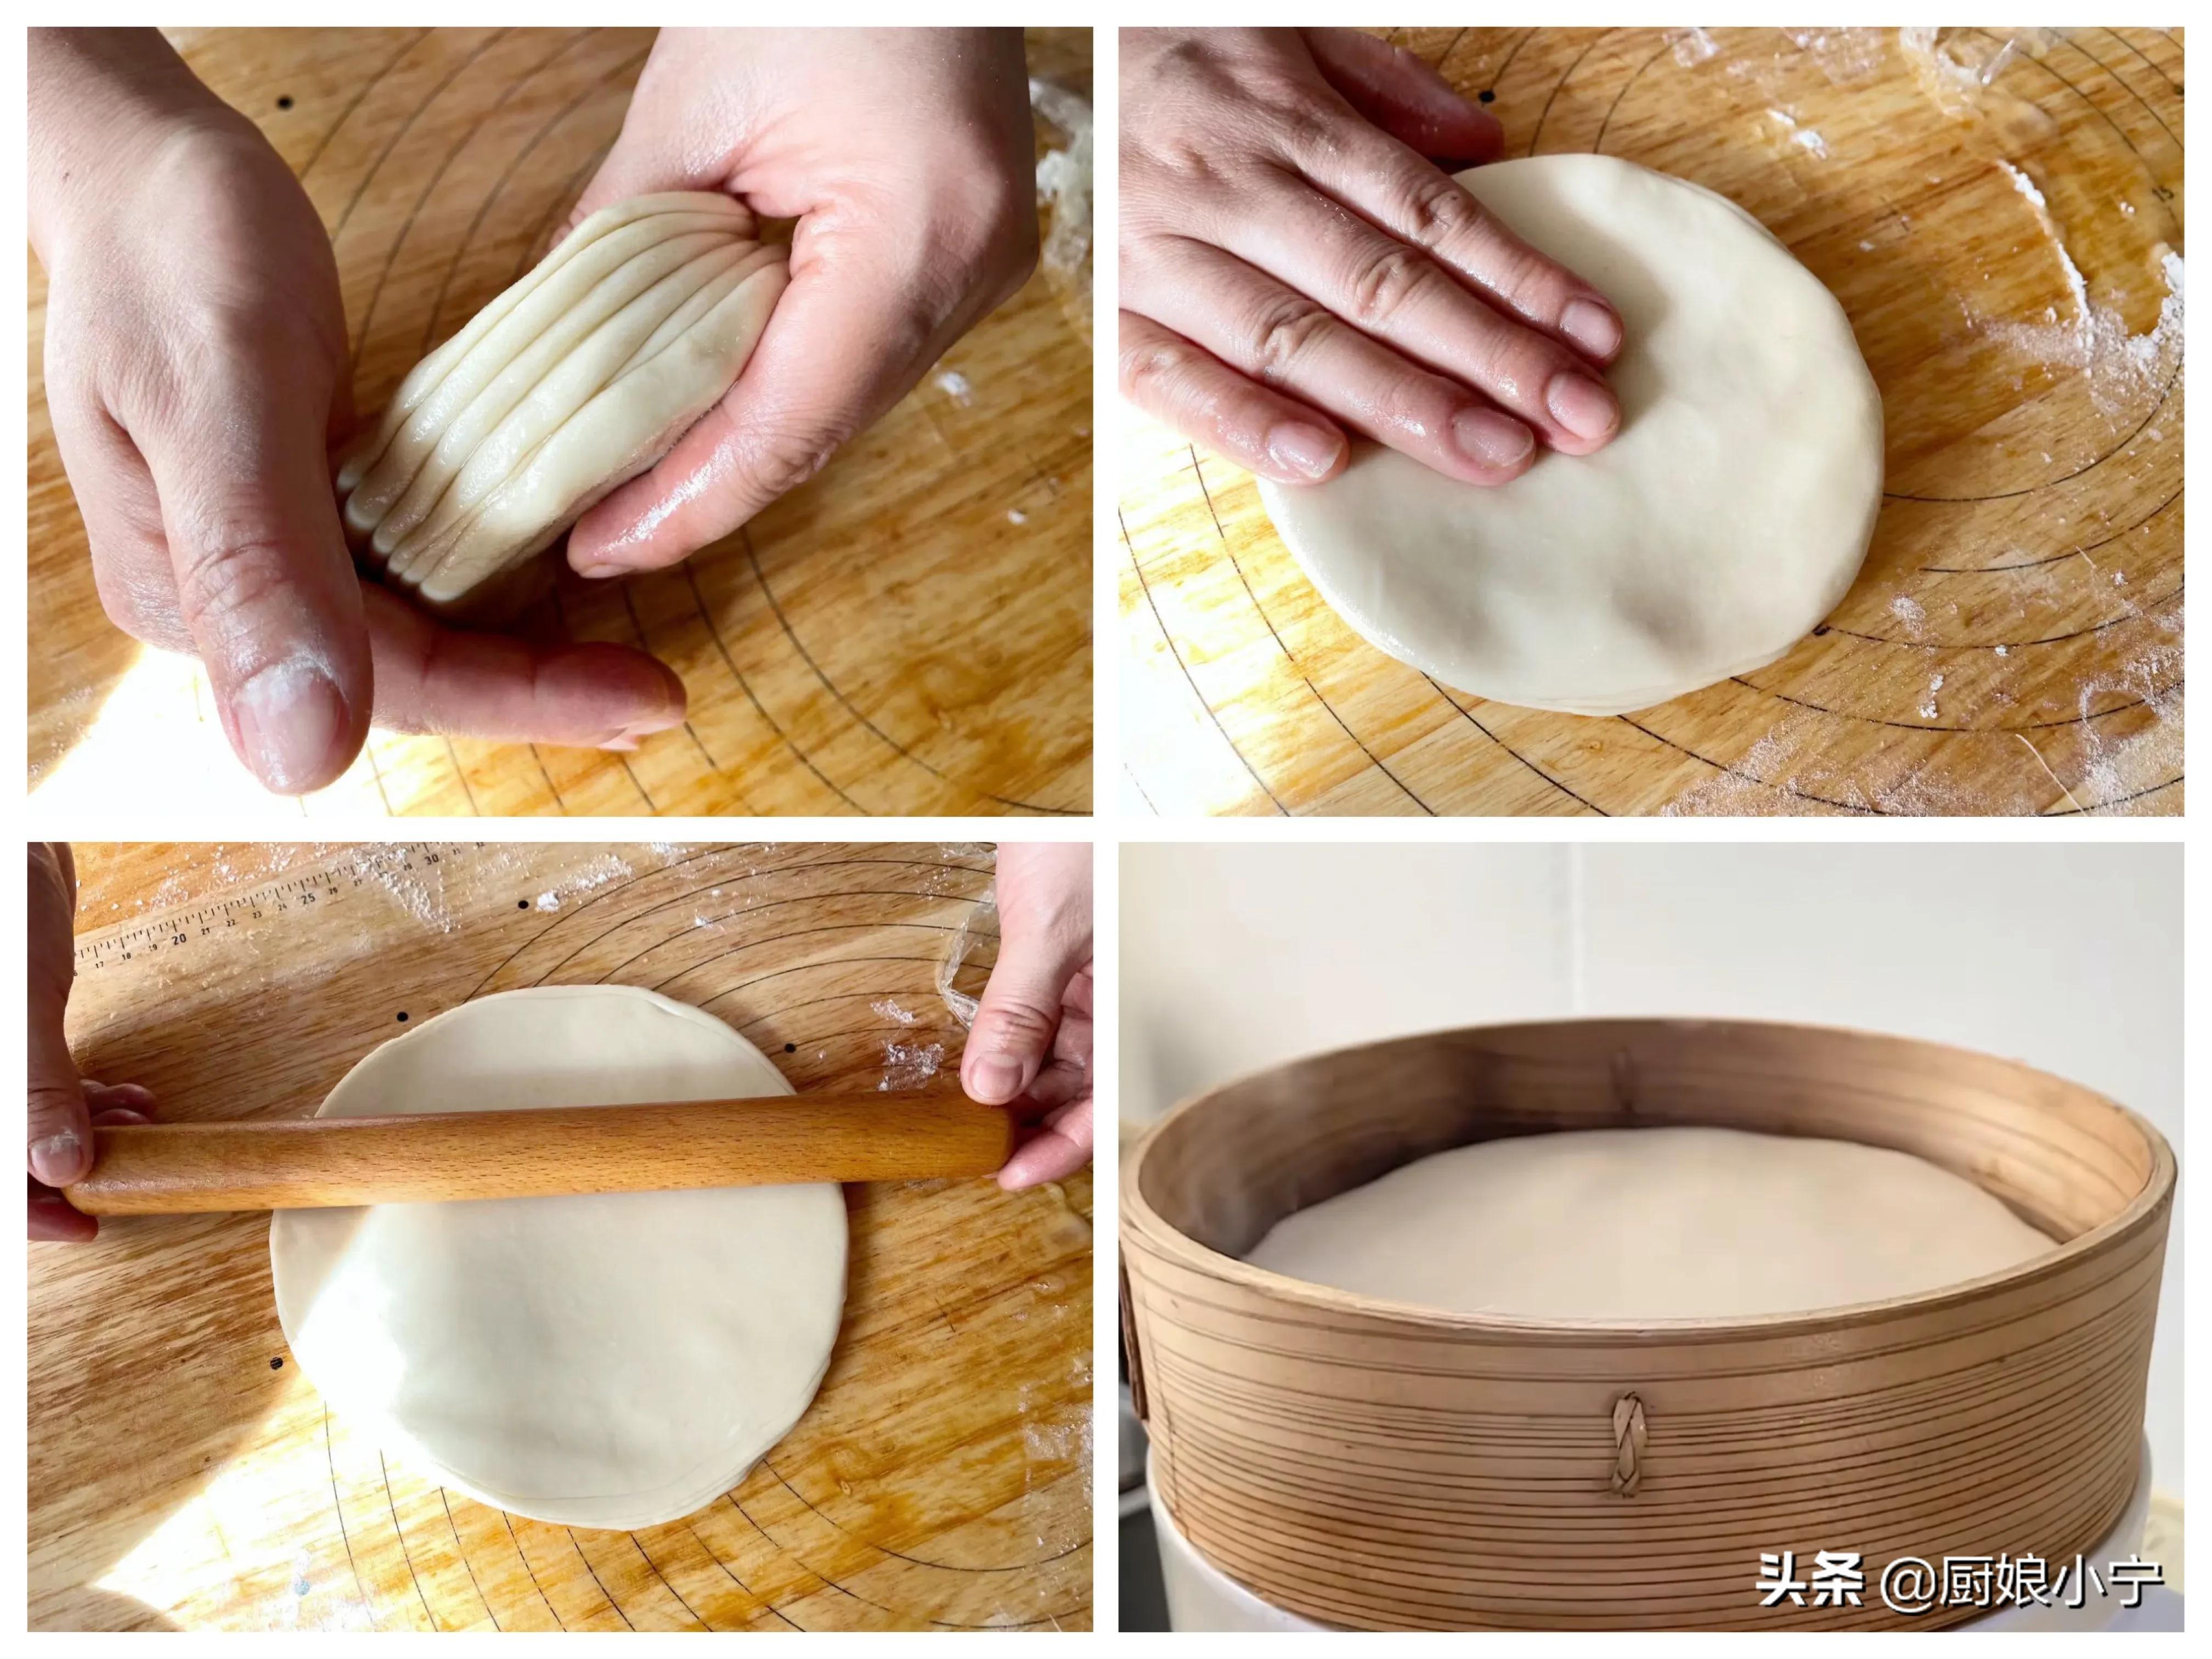 立春吃春饼,这方法才靠谱,轻薄柔软、方法简单,一次出锅25张